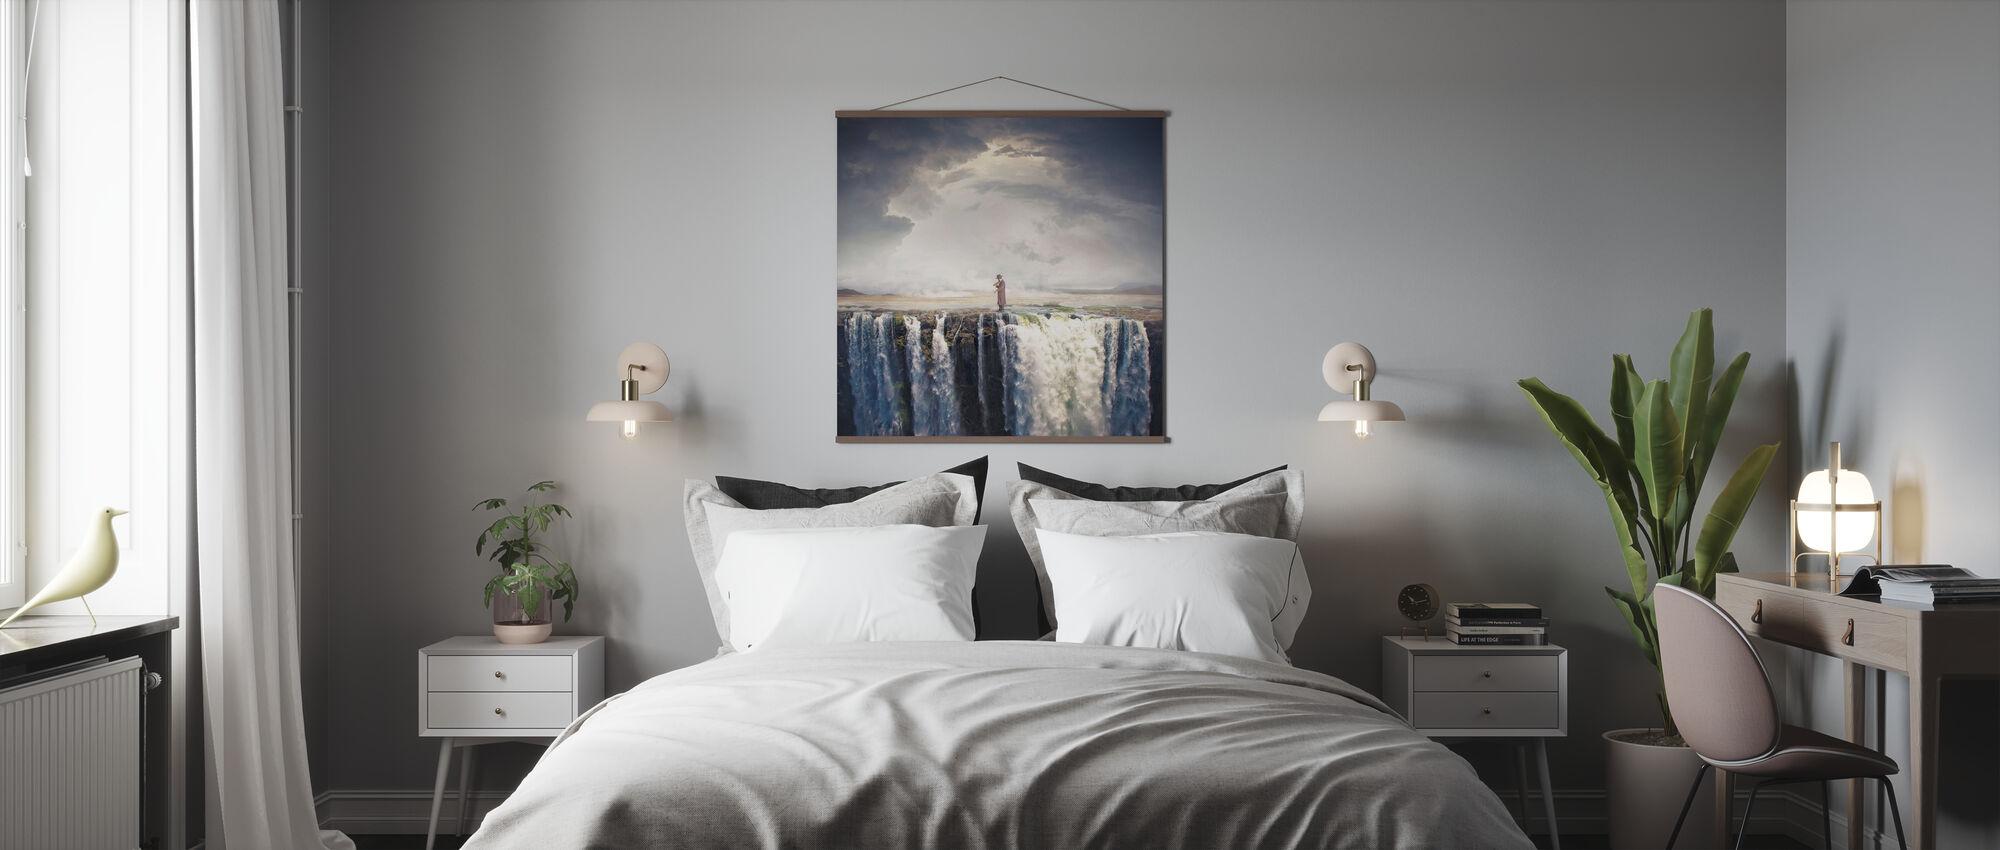 Penult Violine Akkorde - Poster - Schlafzimmer